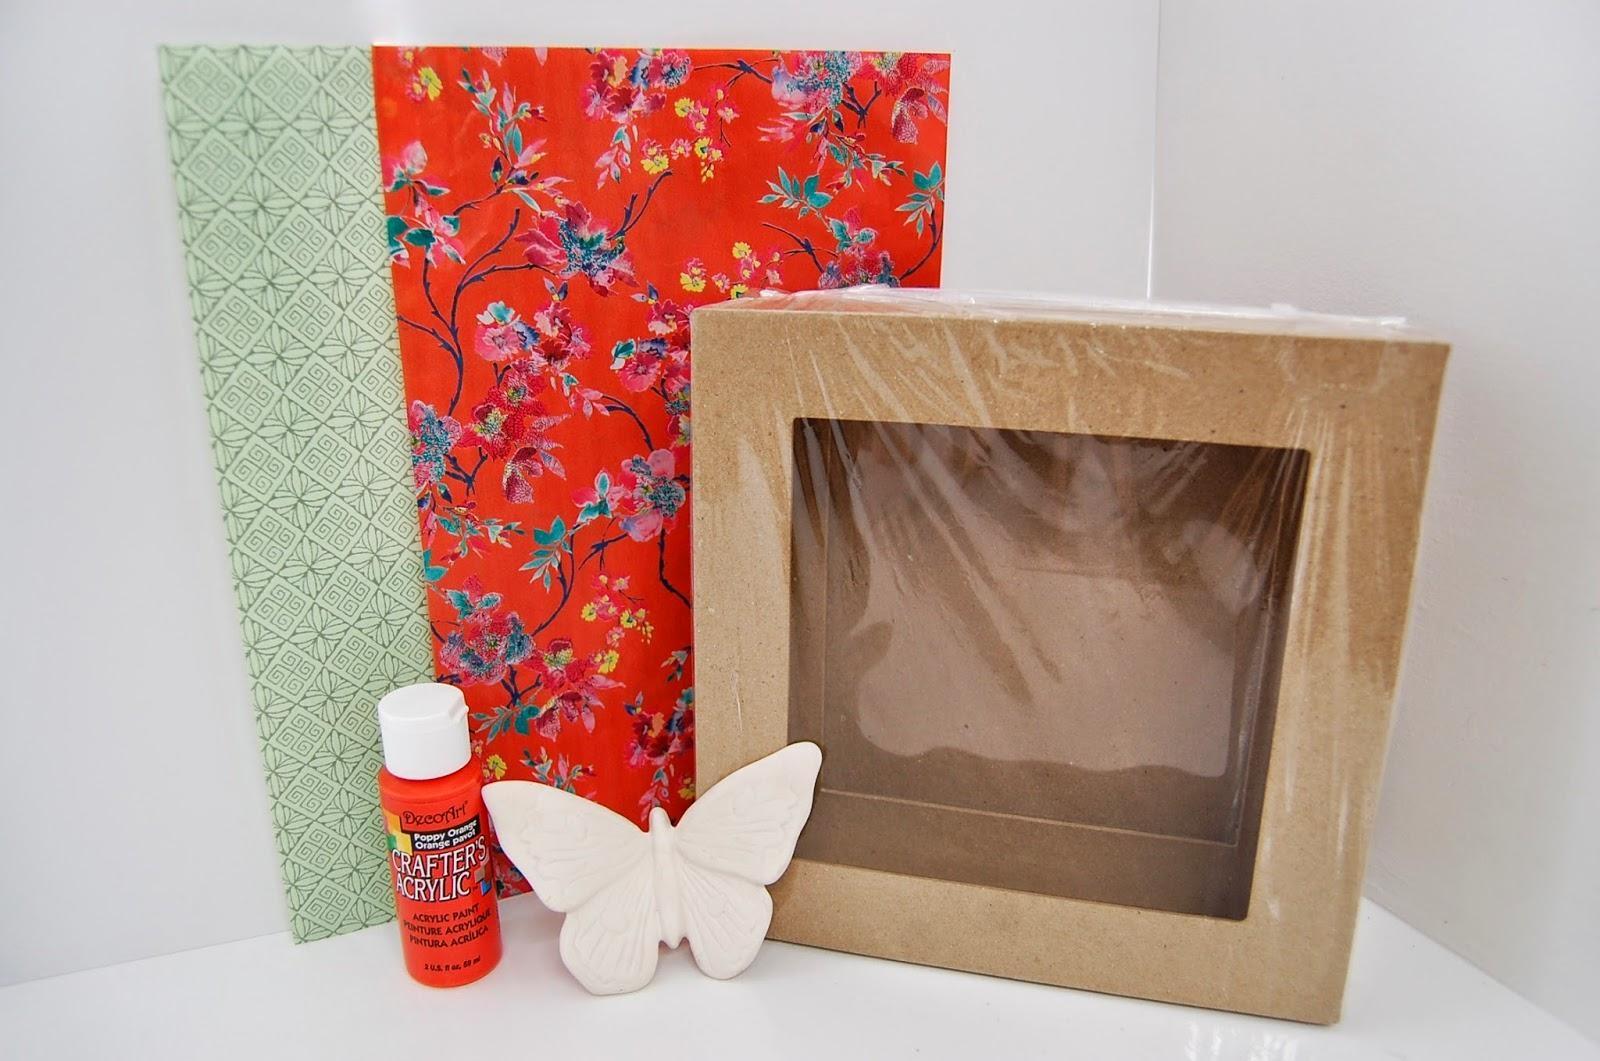 3D Box Frame Decoupage/decopatch Makeover Wall Art Idea Regarding Decoupage Wall Art (Image 1 of 20)